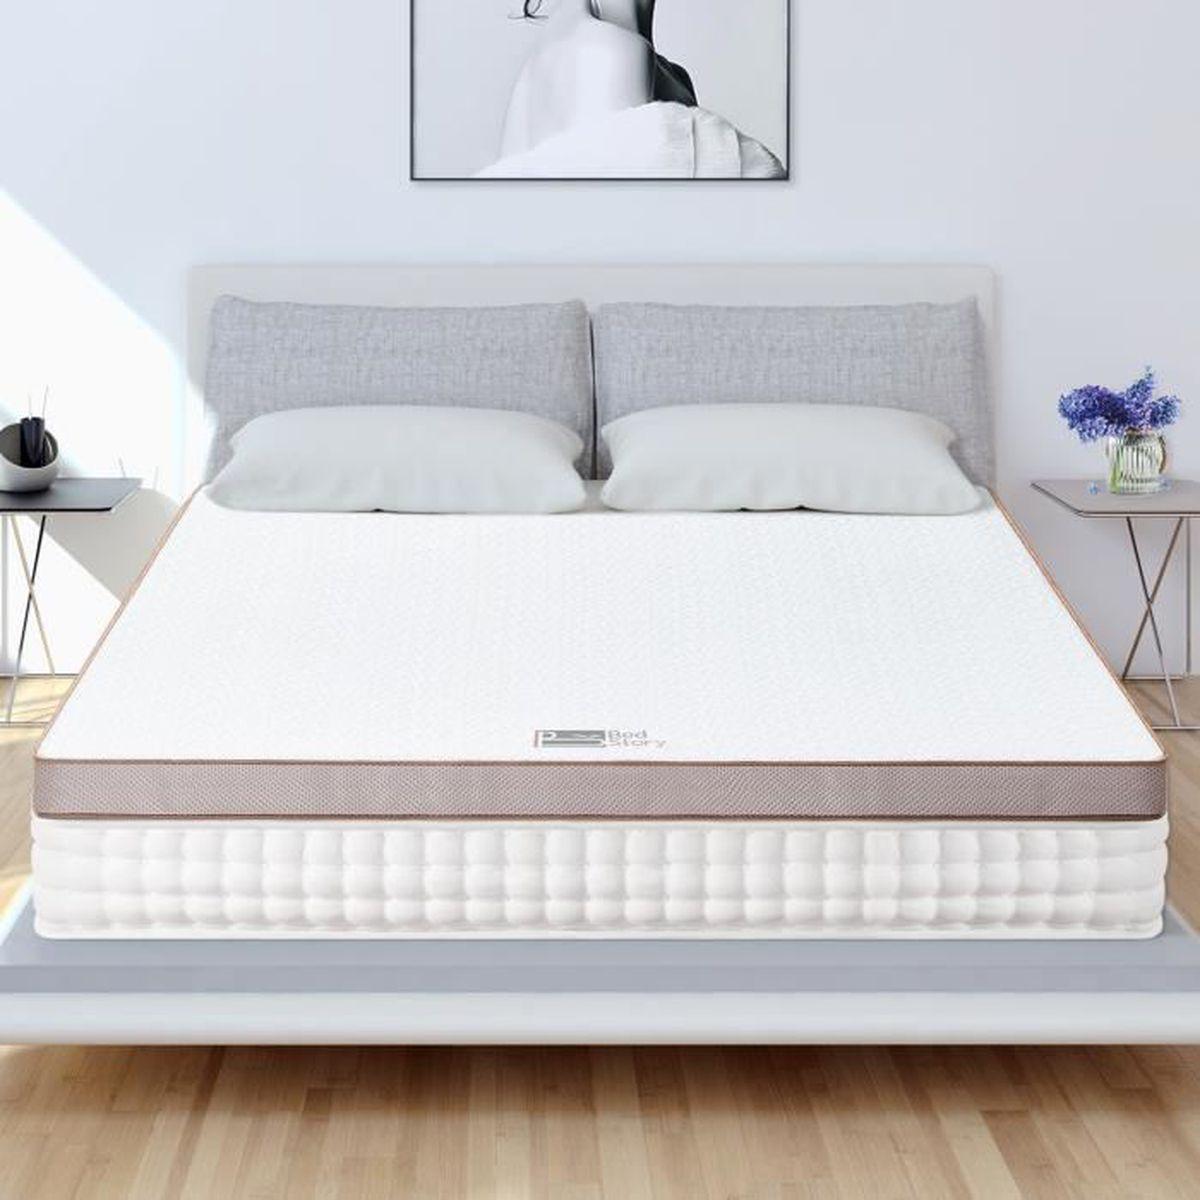 MATELAS BedStory Surmatelas 140x200 Mémoire de Forme Gel I